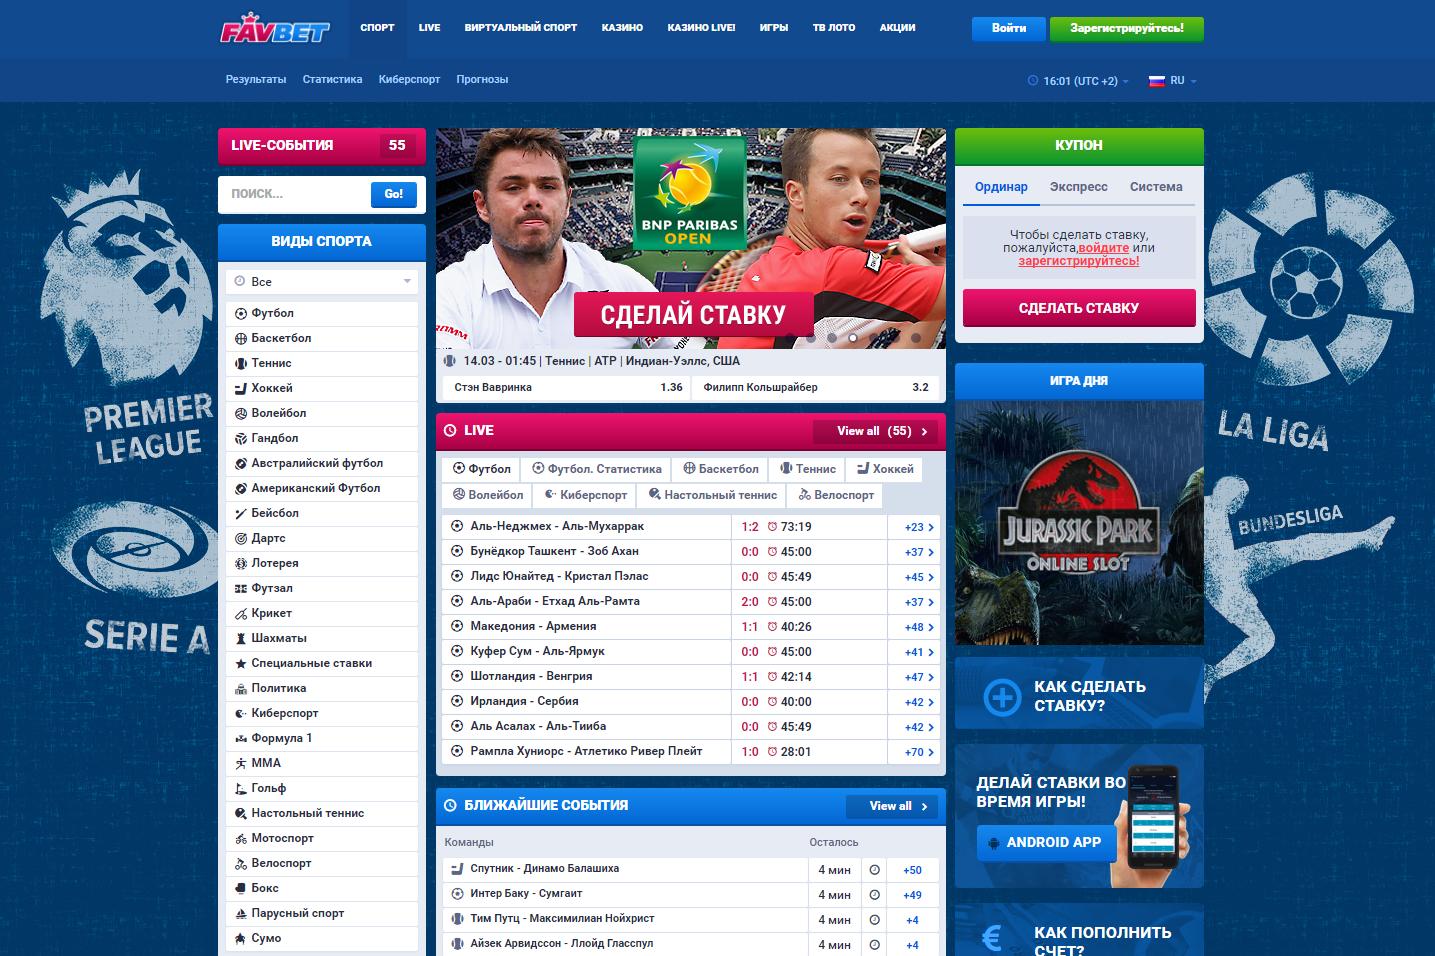 Создать сайт ставок на спорт бесплатно - конструктор сайтов 61